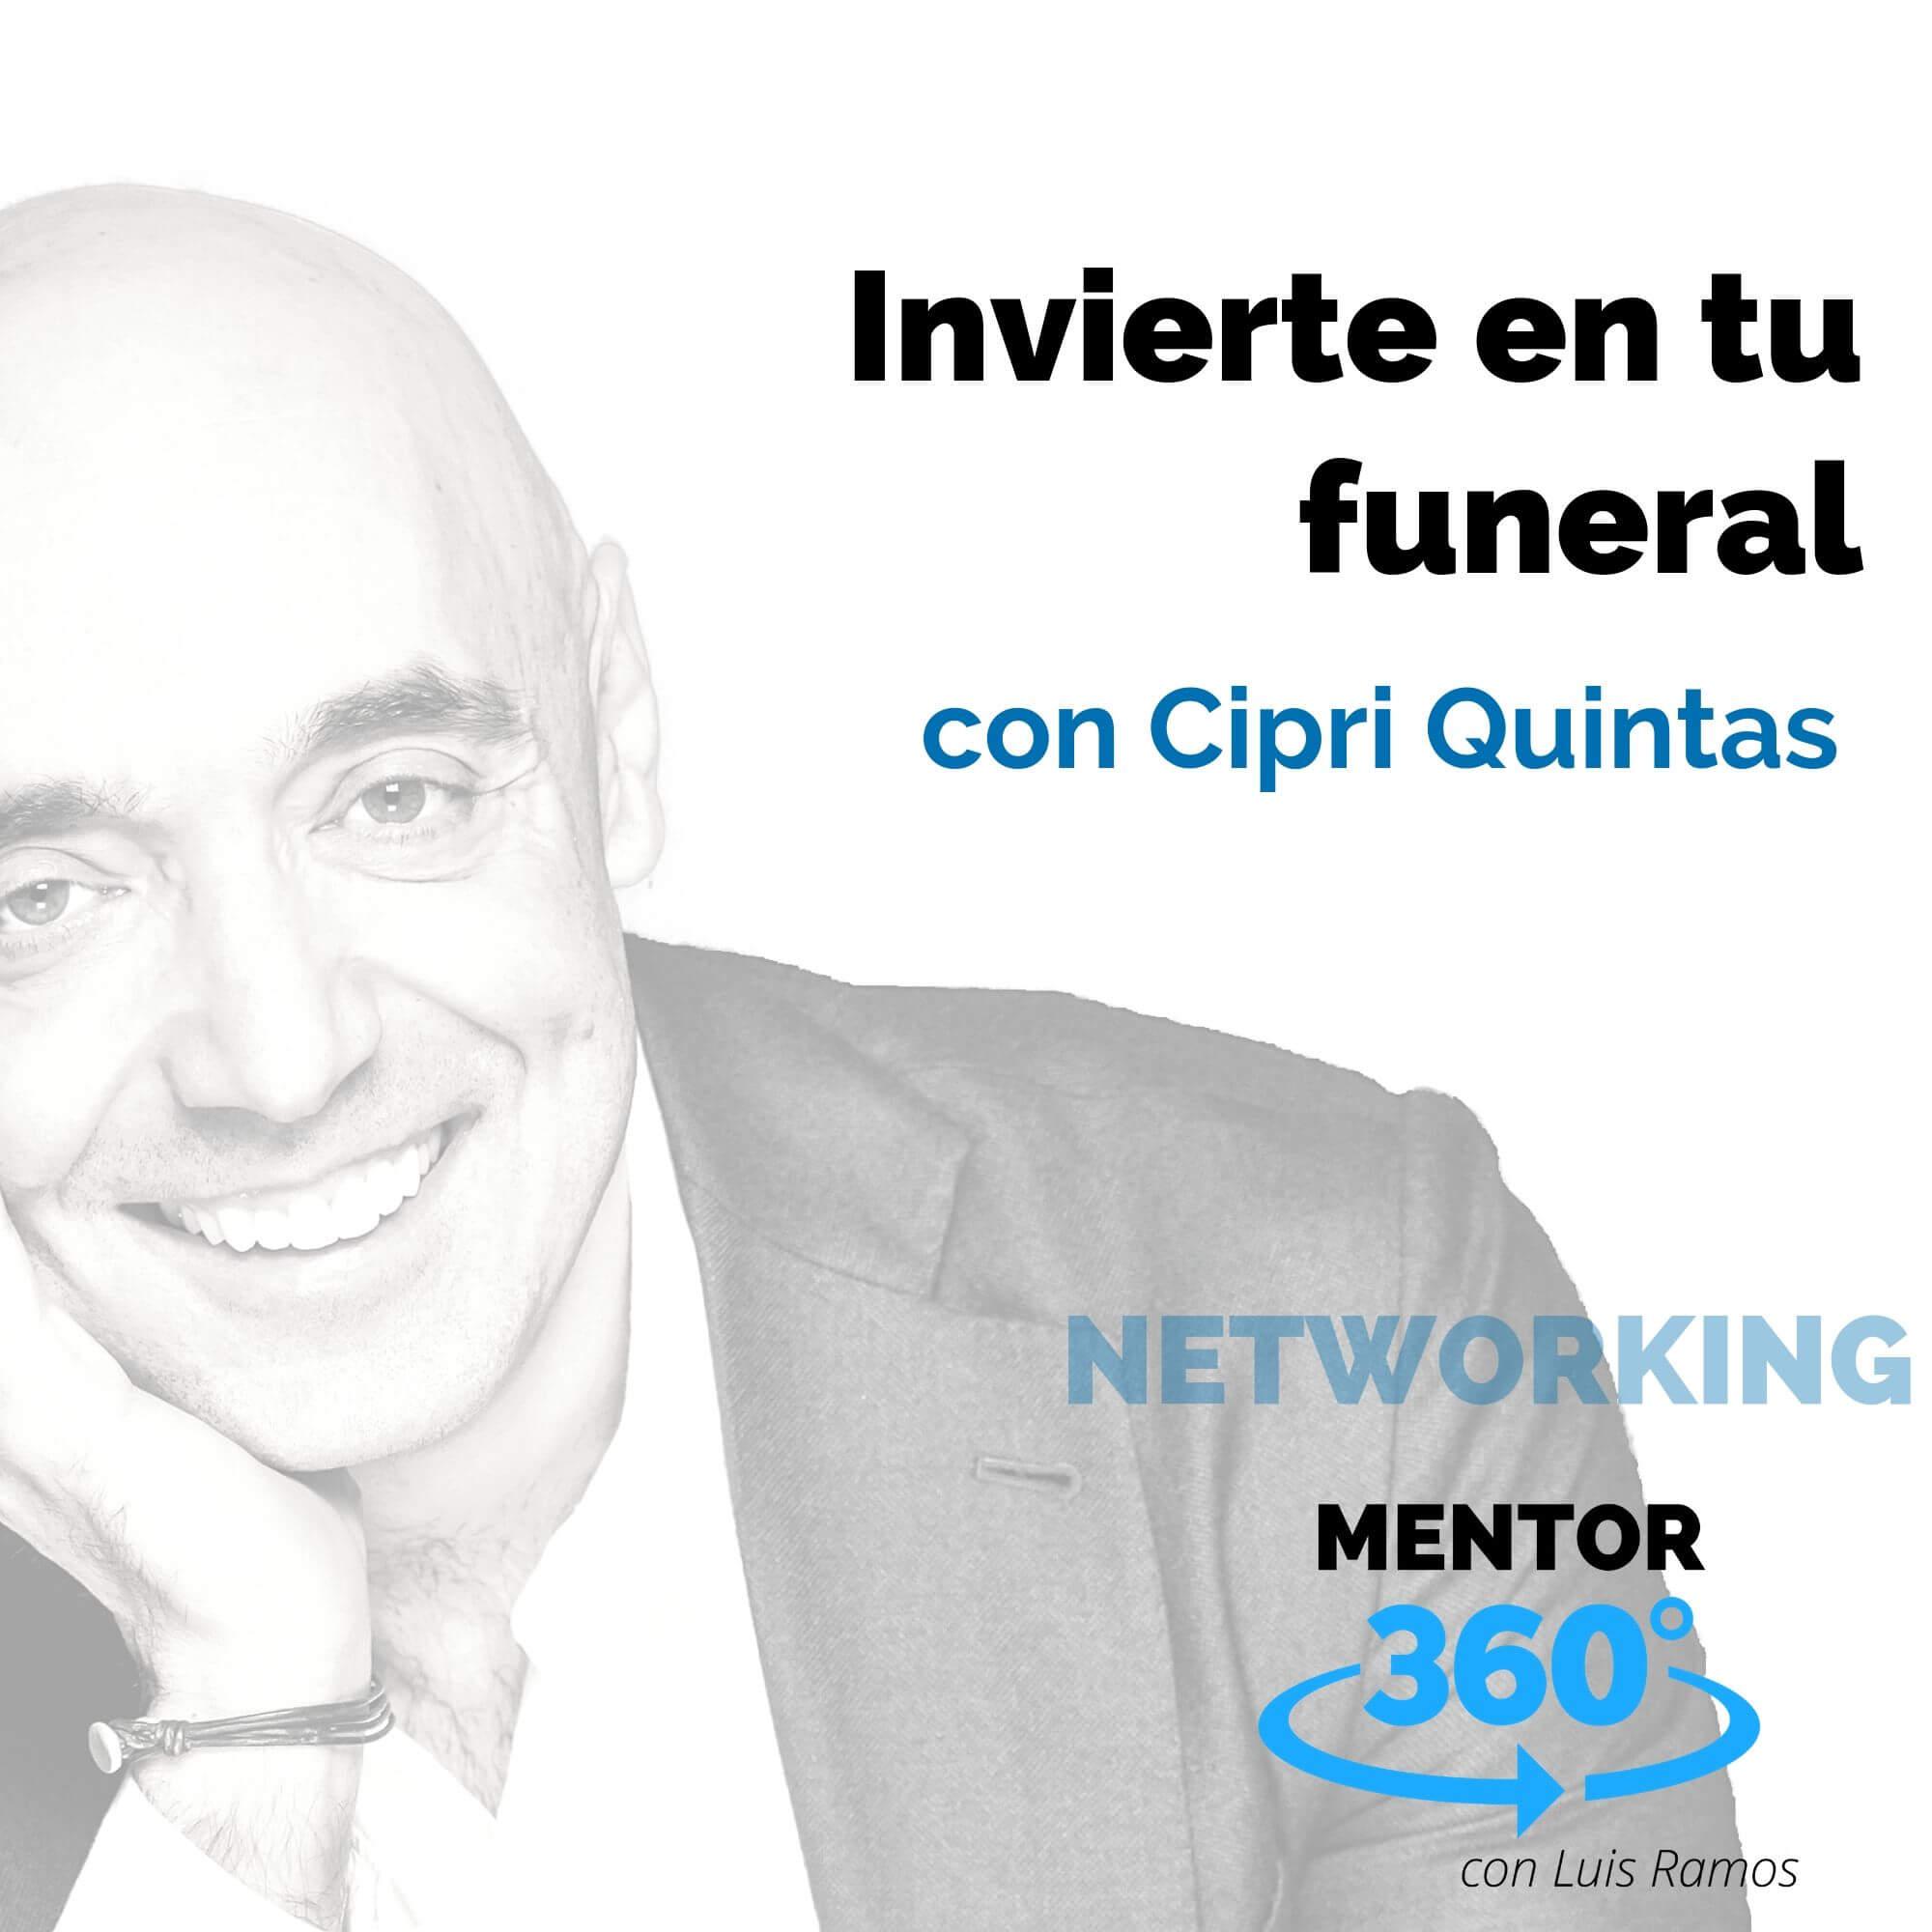 Invierte en tu funeral, con Cipri Quintas - NETWORKING